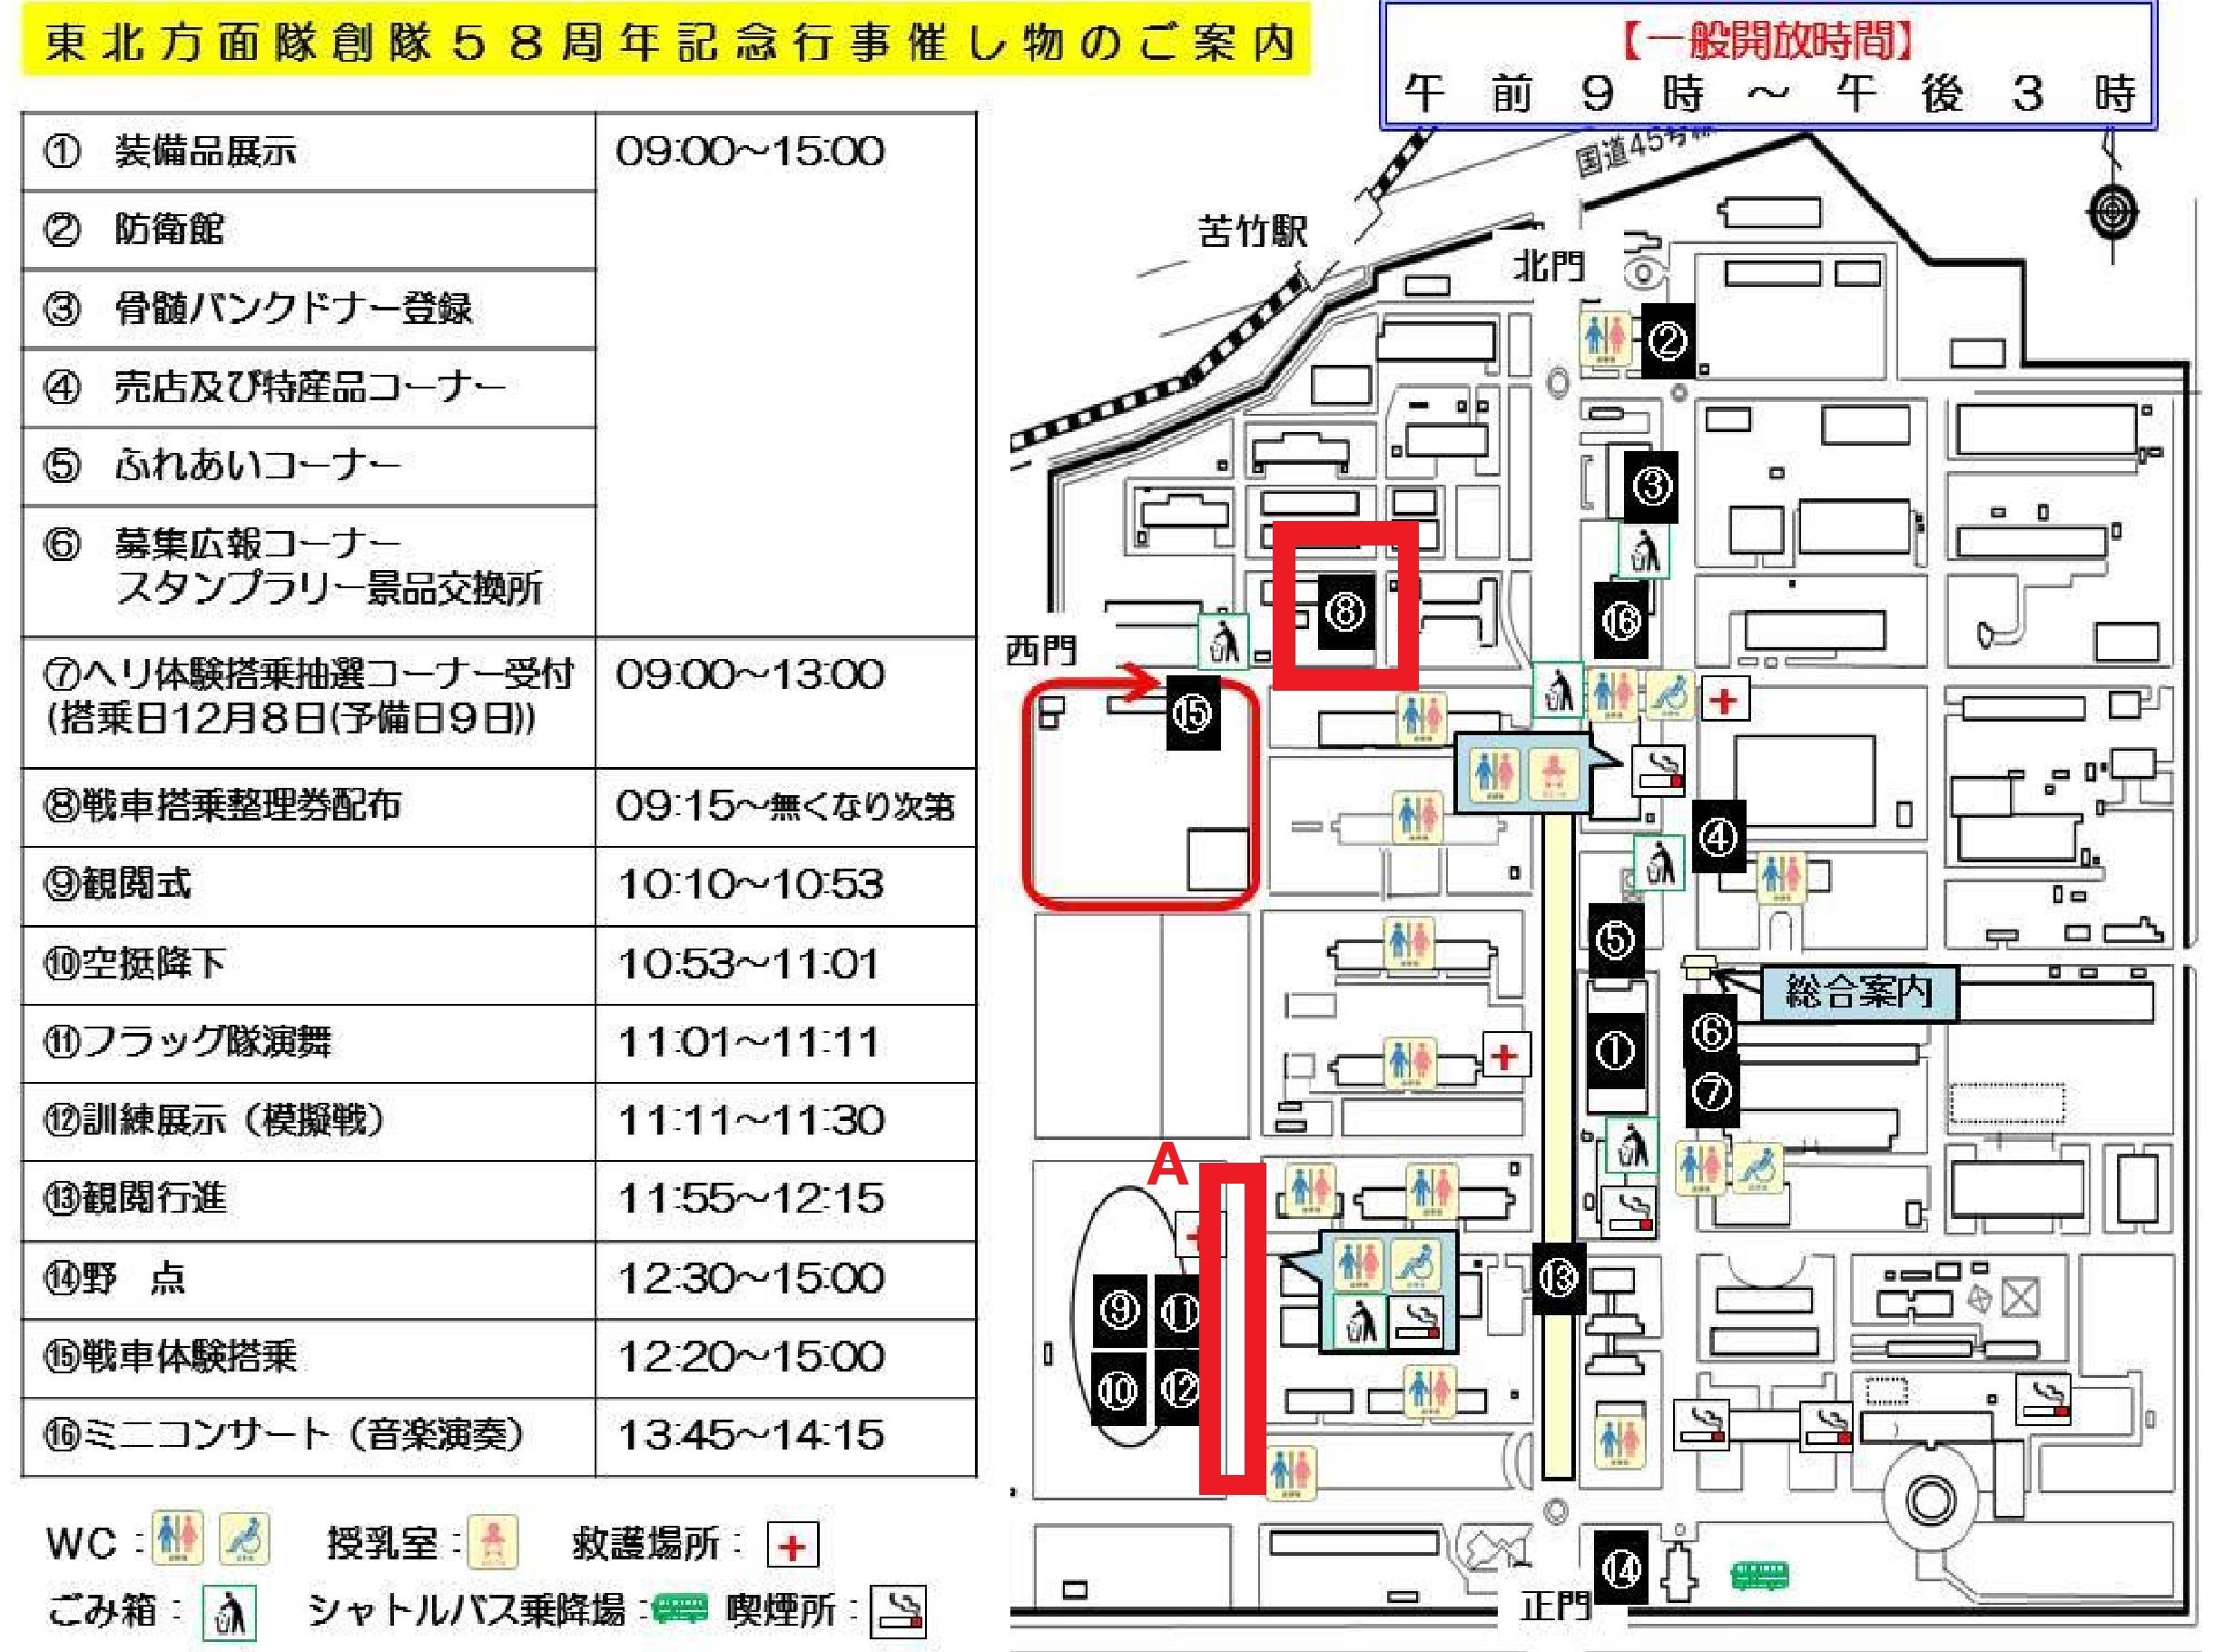 仙台駐屯地の会場案内図